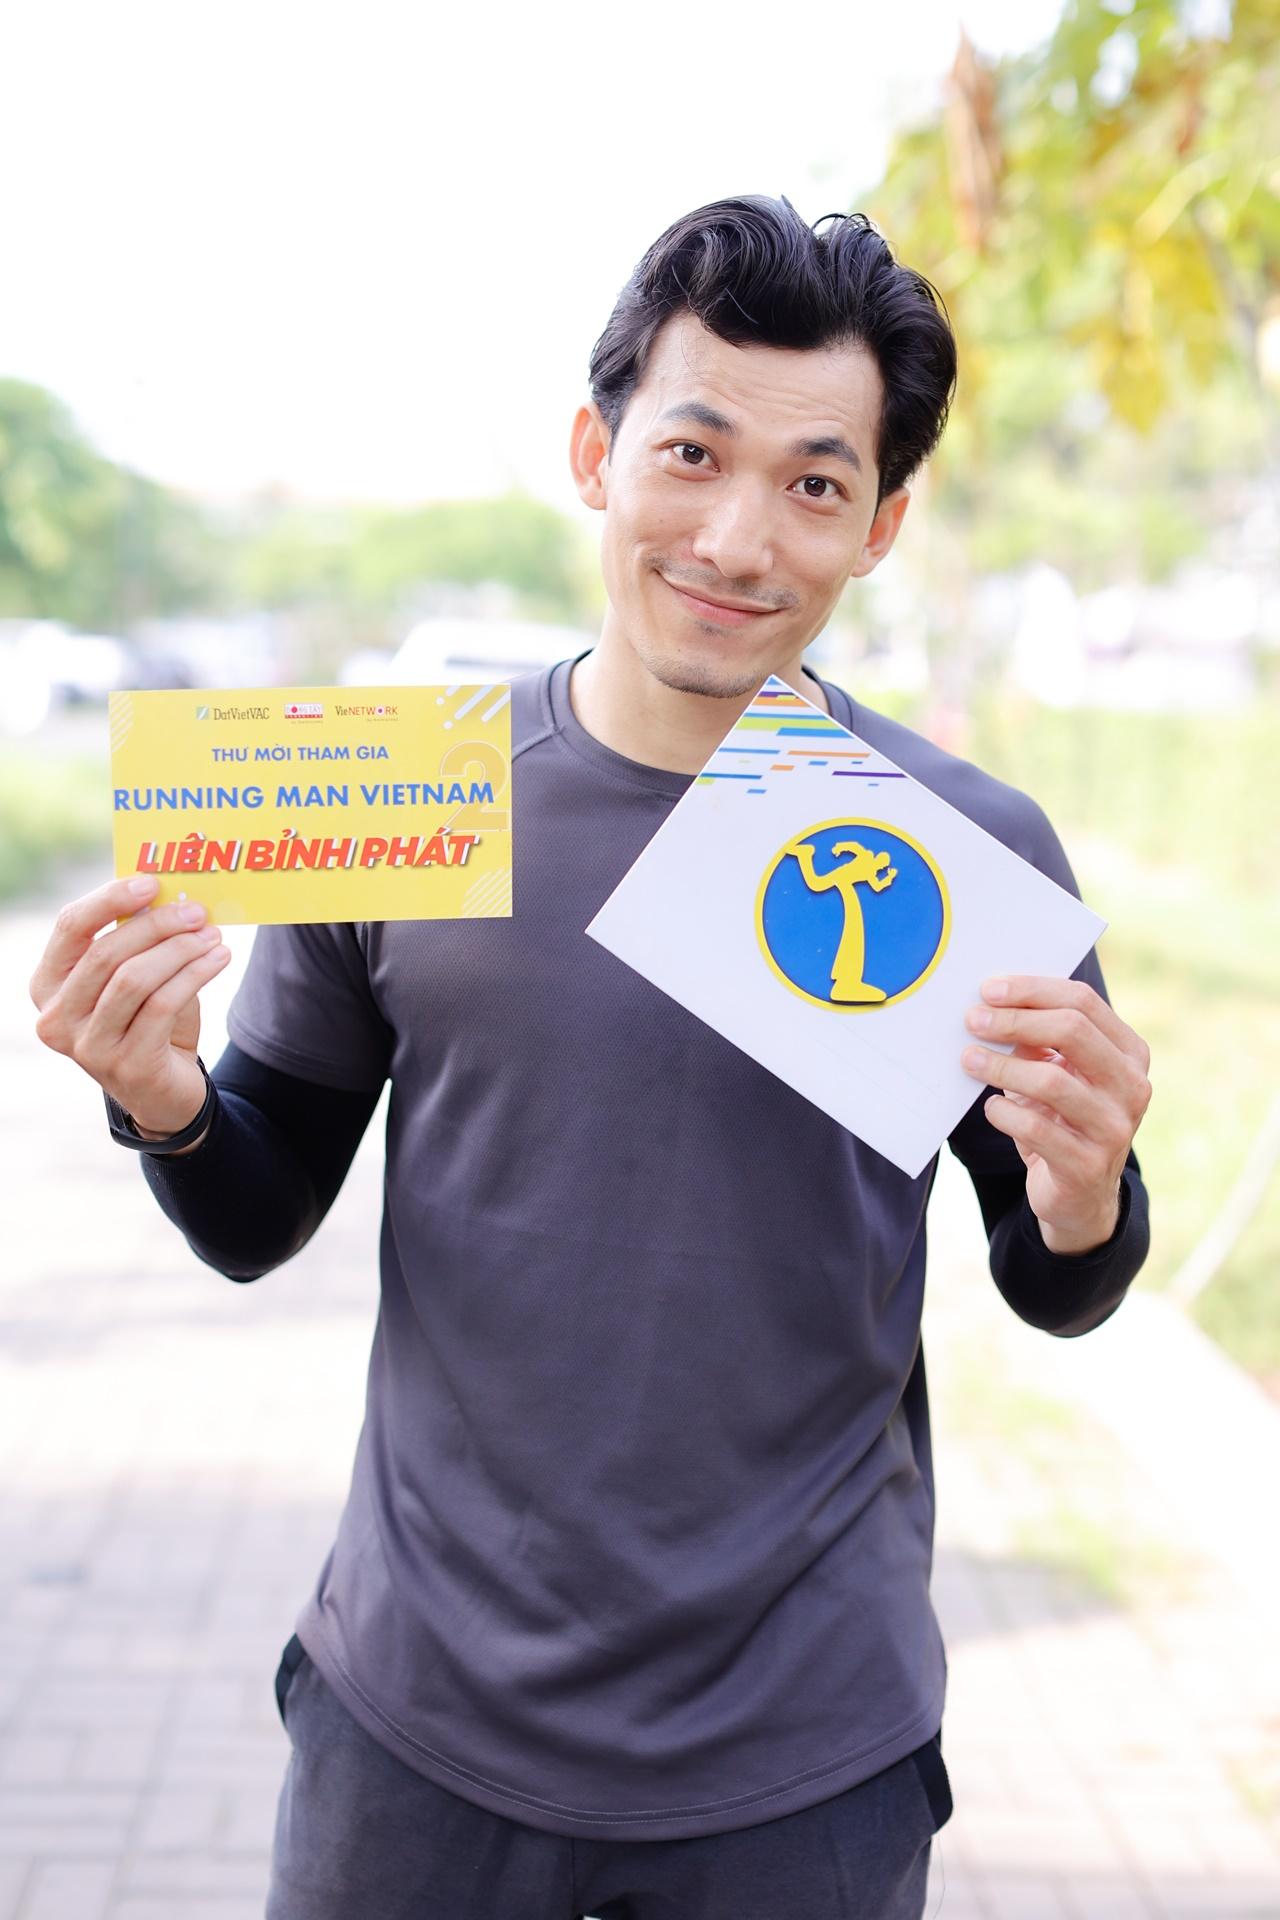 Liên Bỉnh Phát chính thức trở lại Running Man Vietnam, nhắn nhủ dàn cast mới: Đừng tin ai cả, đừng như Phát